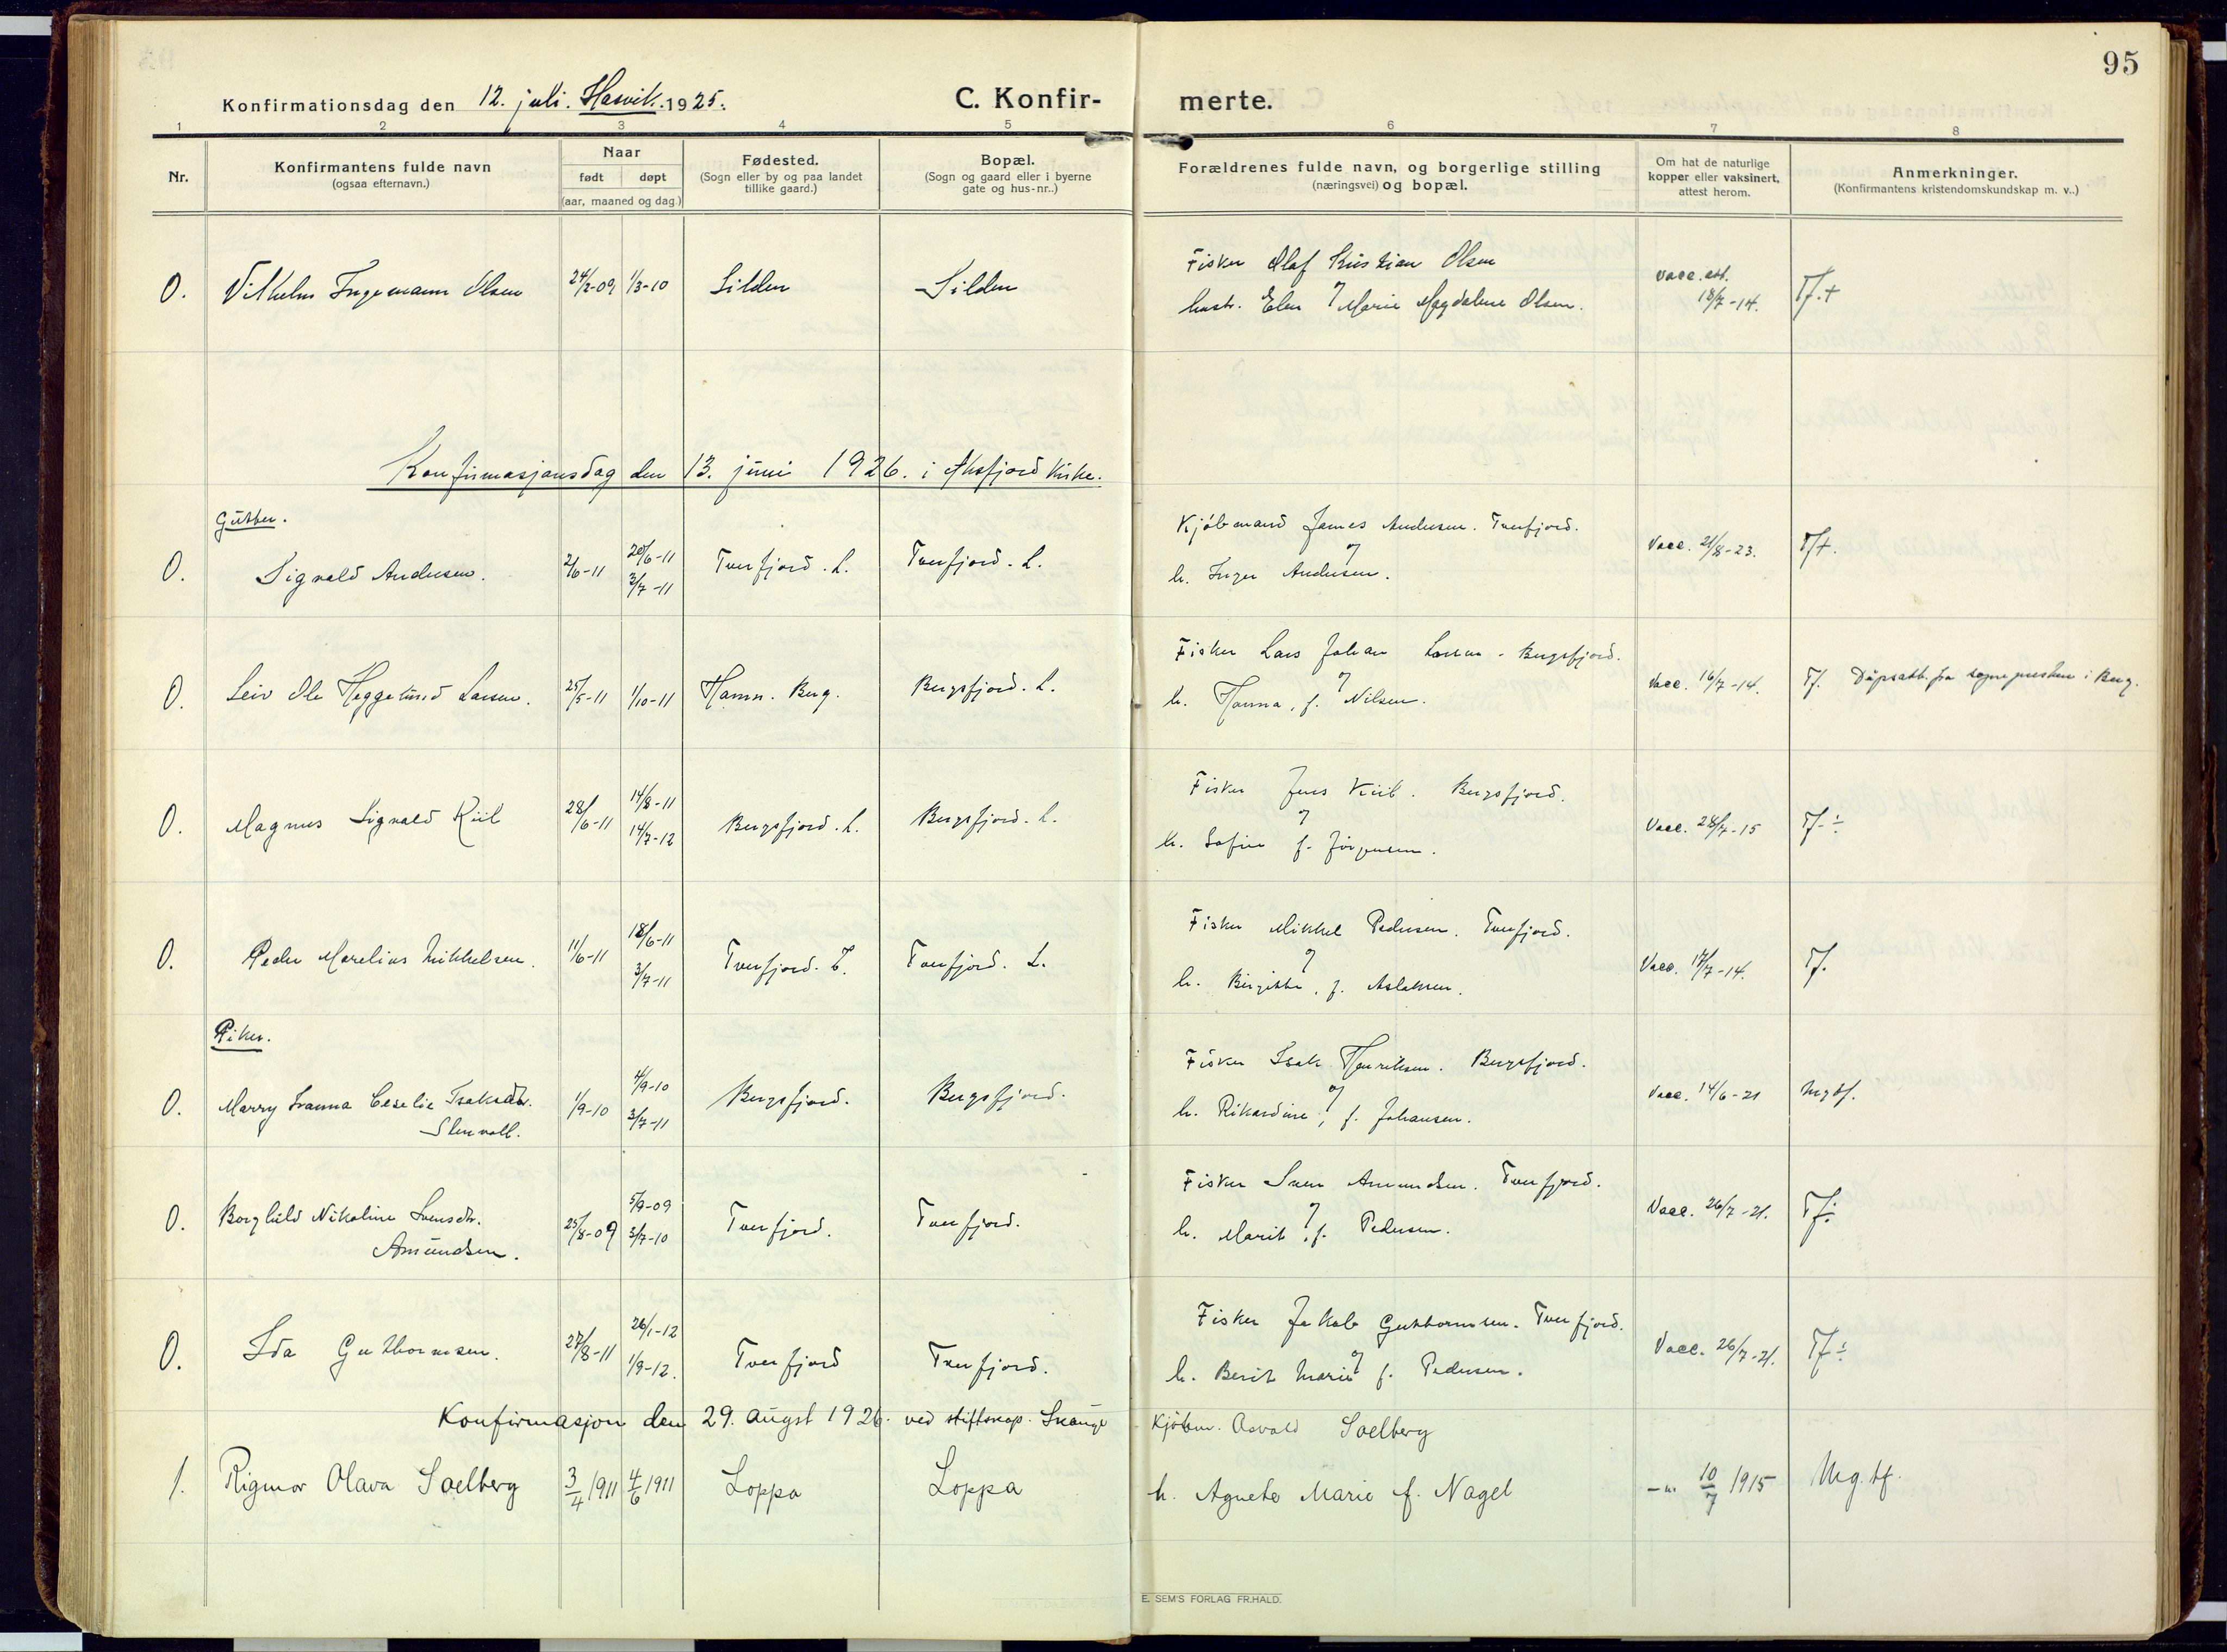 SATØ, Loppa sokneprestkontor, H/Ha/L0013kirke: Ministerialbok nr. 13, 1920-1932, s. 95